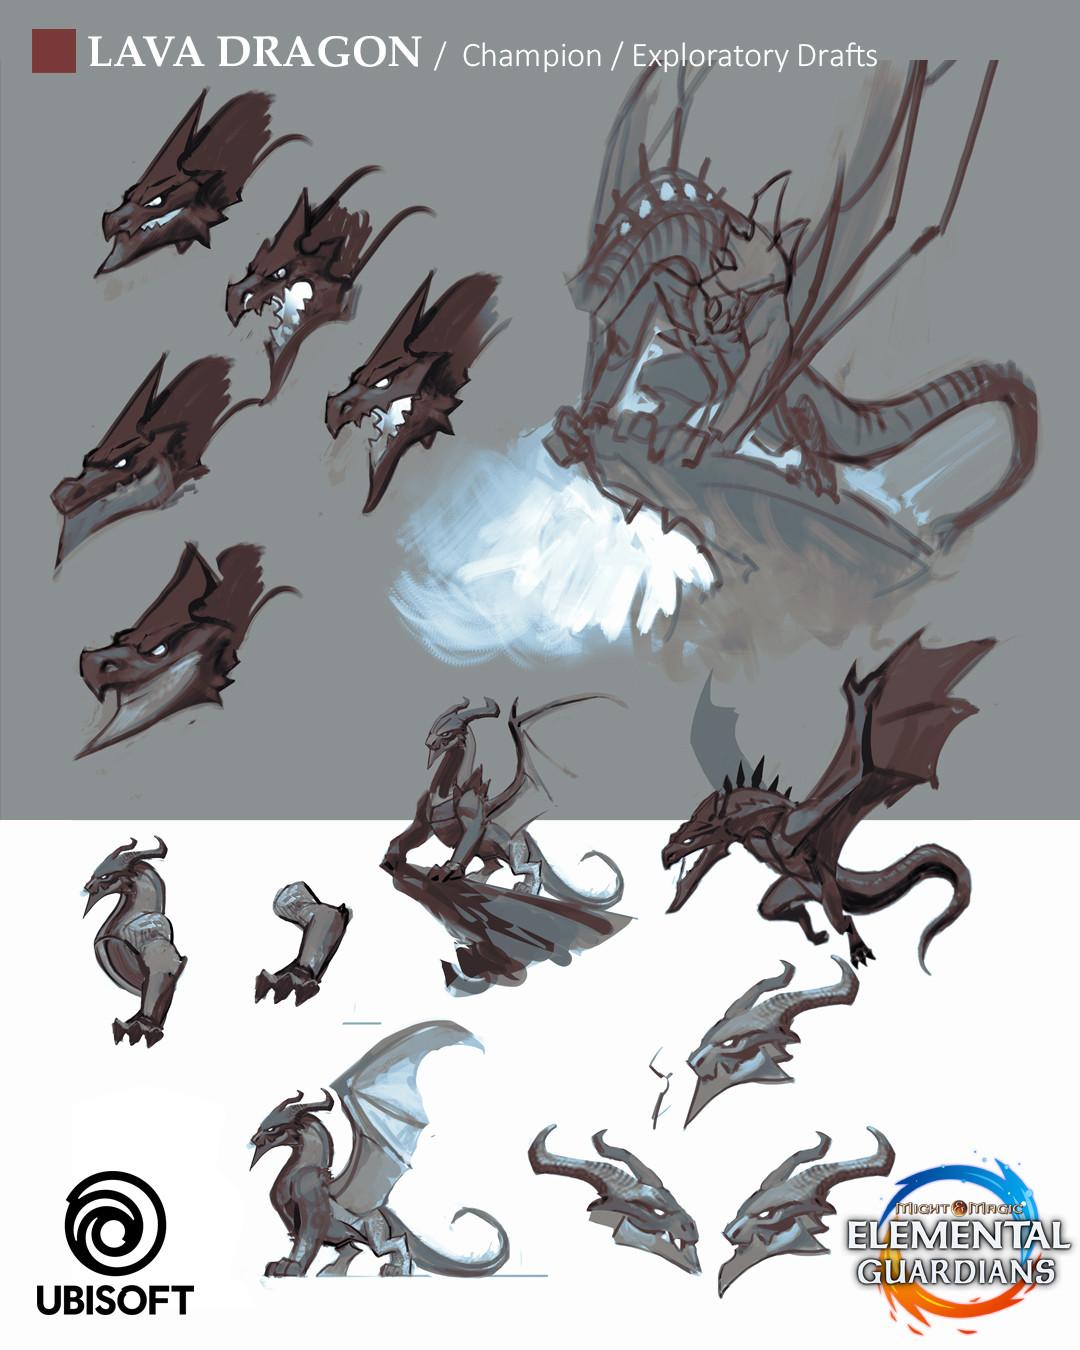 Koveck (Antonio Garcia) - Lava Dragon - Concept Art for